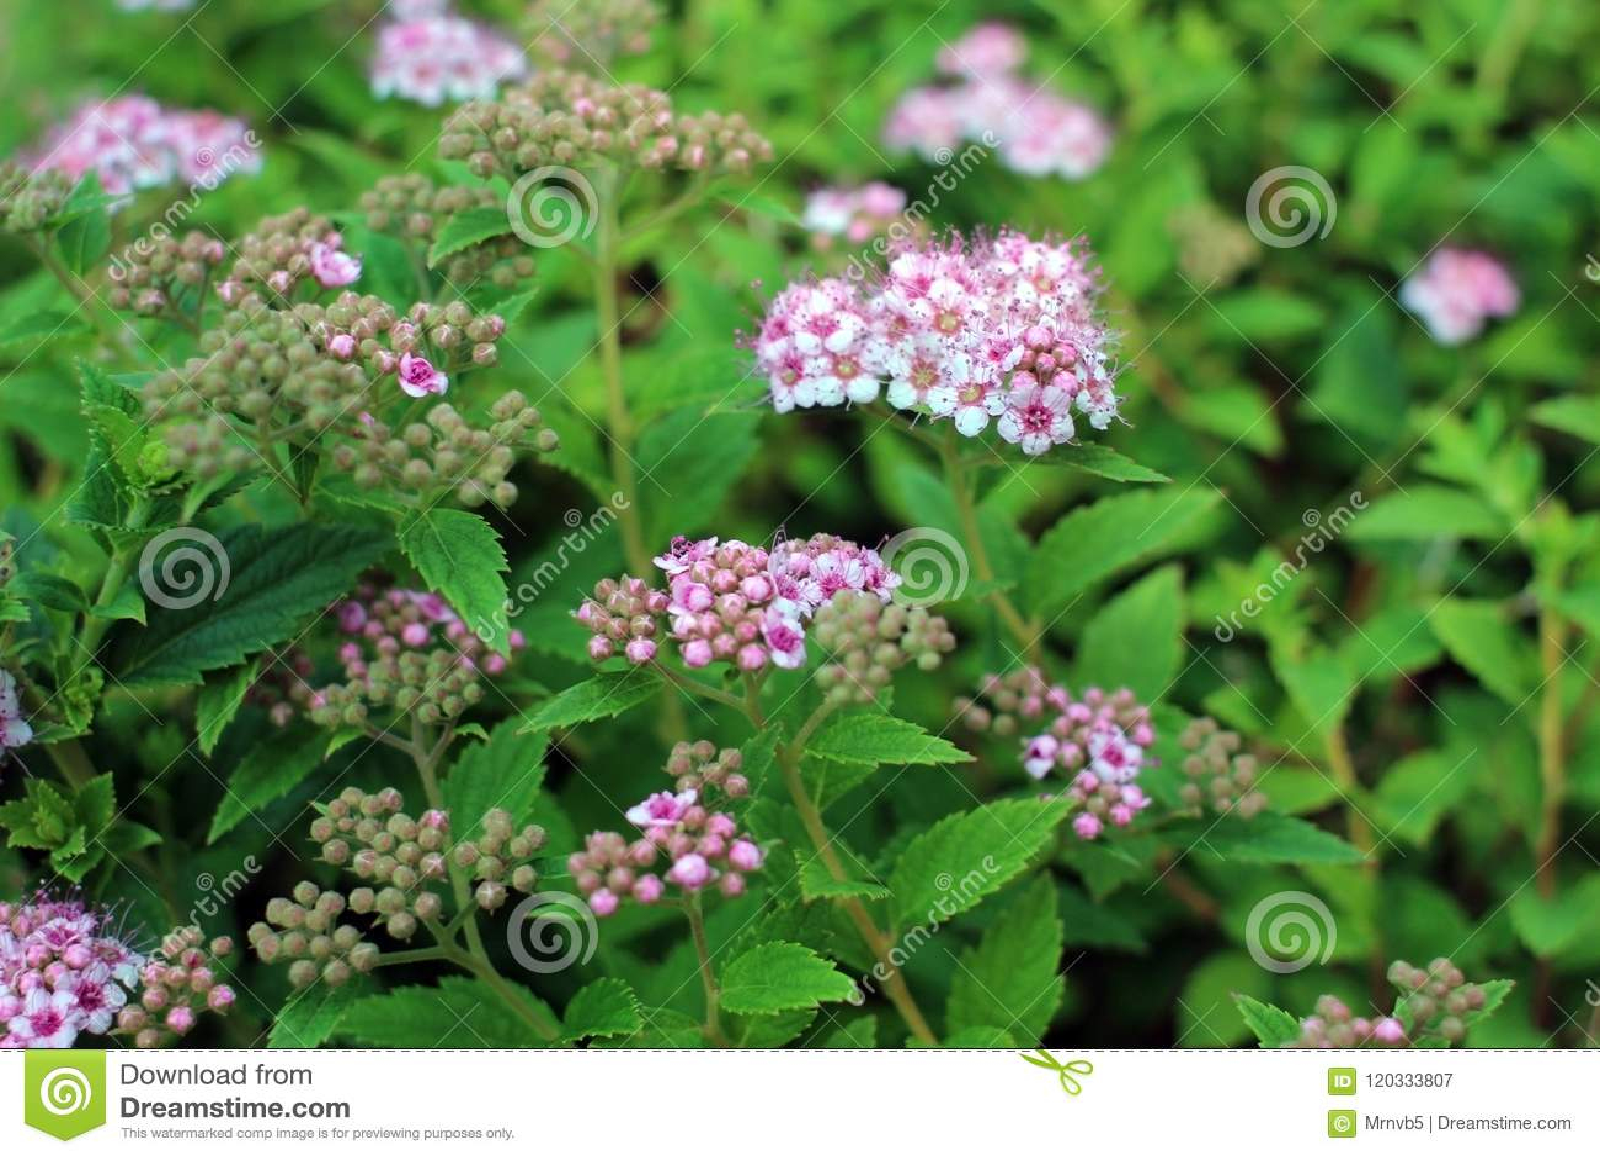 Spirea in summer garden blooming spirea bush with pink flowers spirea in summer garden blooming spirea bush with pink flowers mightylinksfo